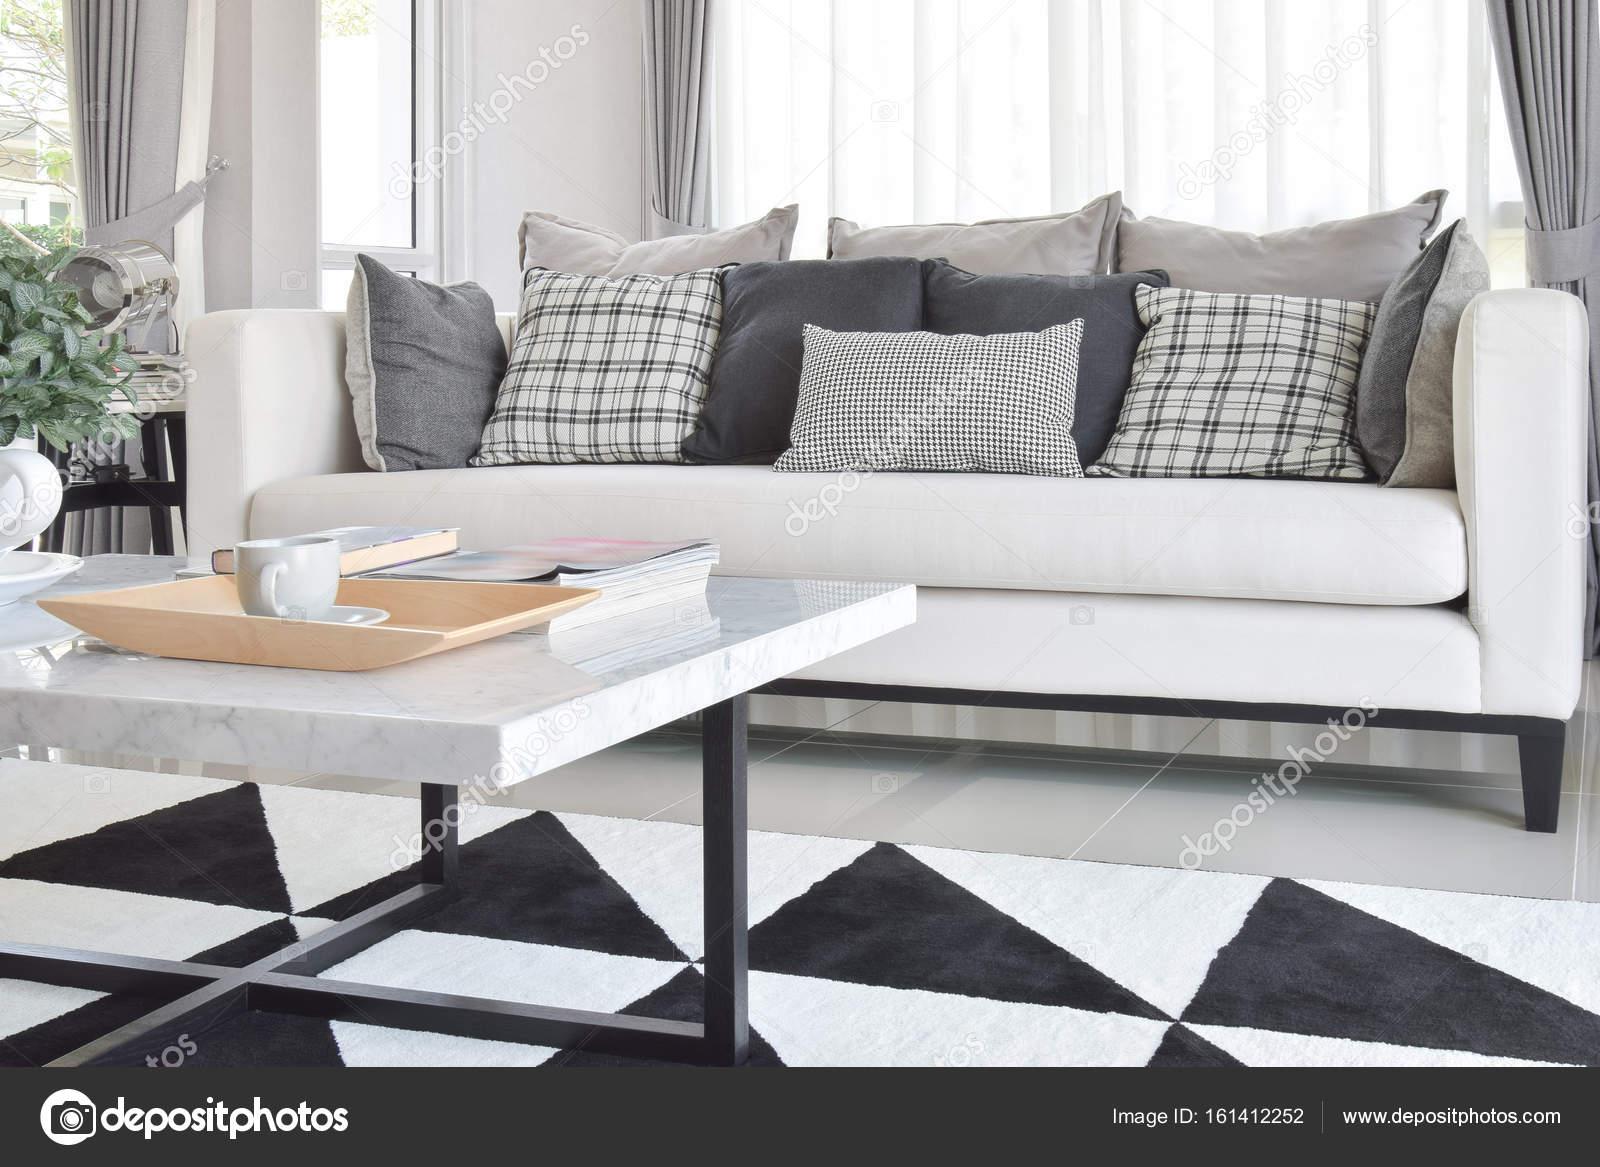 Moderne Wohnzimmer Interieur Mit Schwarz / Weiß Karomuster Kissen Und  Teppich U2014 Stockfoto